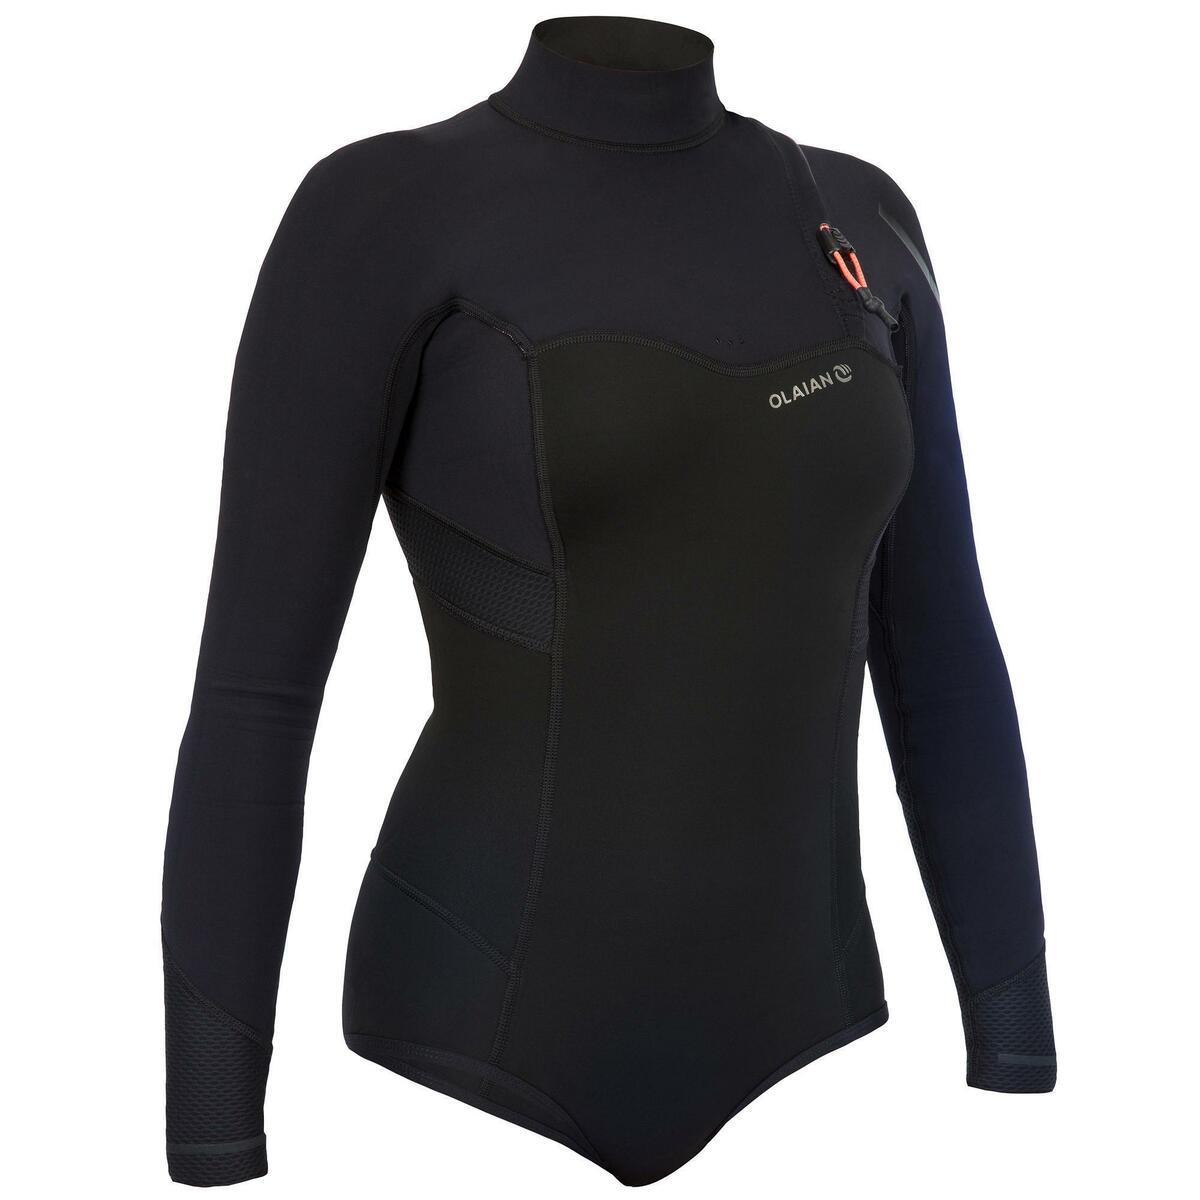 Bild 1 von Neoprenshorty Langarm Surfen 900LS ohne Reißverschluss Damen schwarz